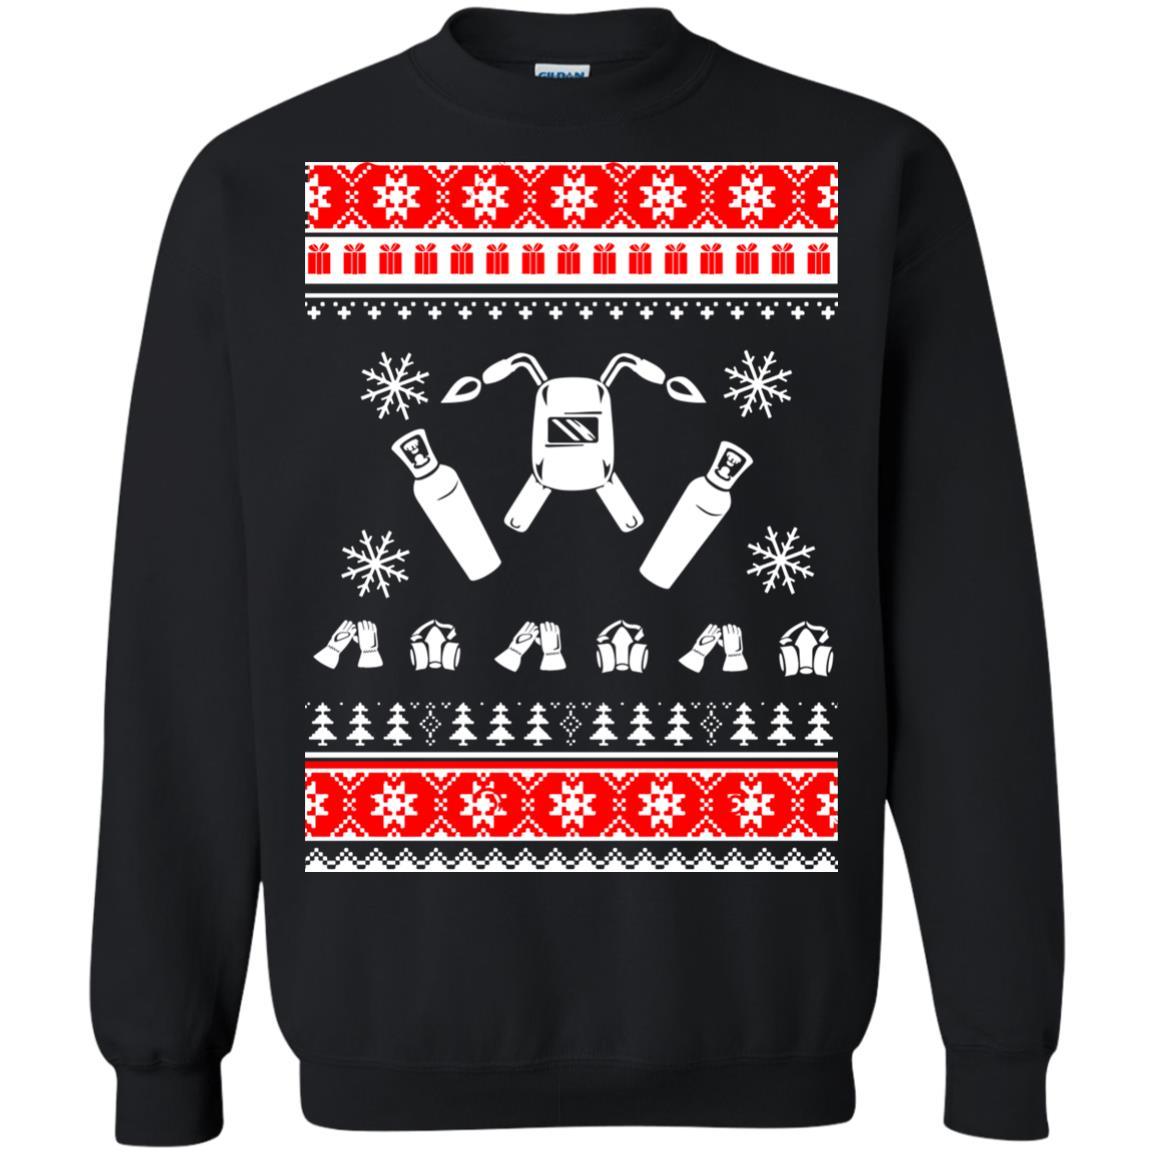 image 3830 - Welder Christmas Sweater, Ugly Sweatshirts